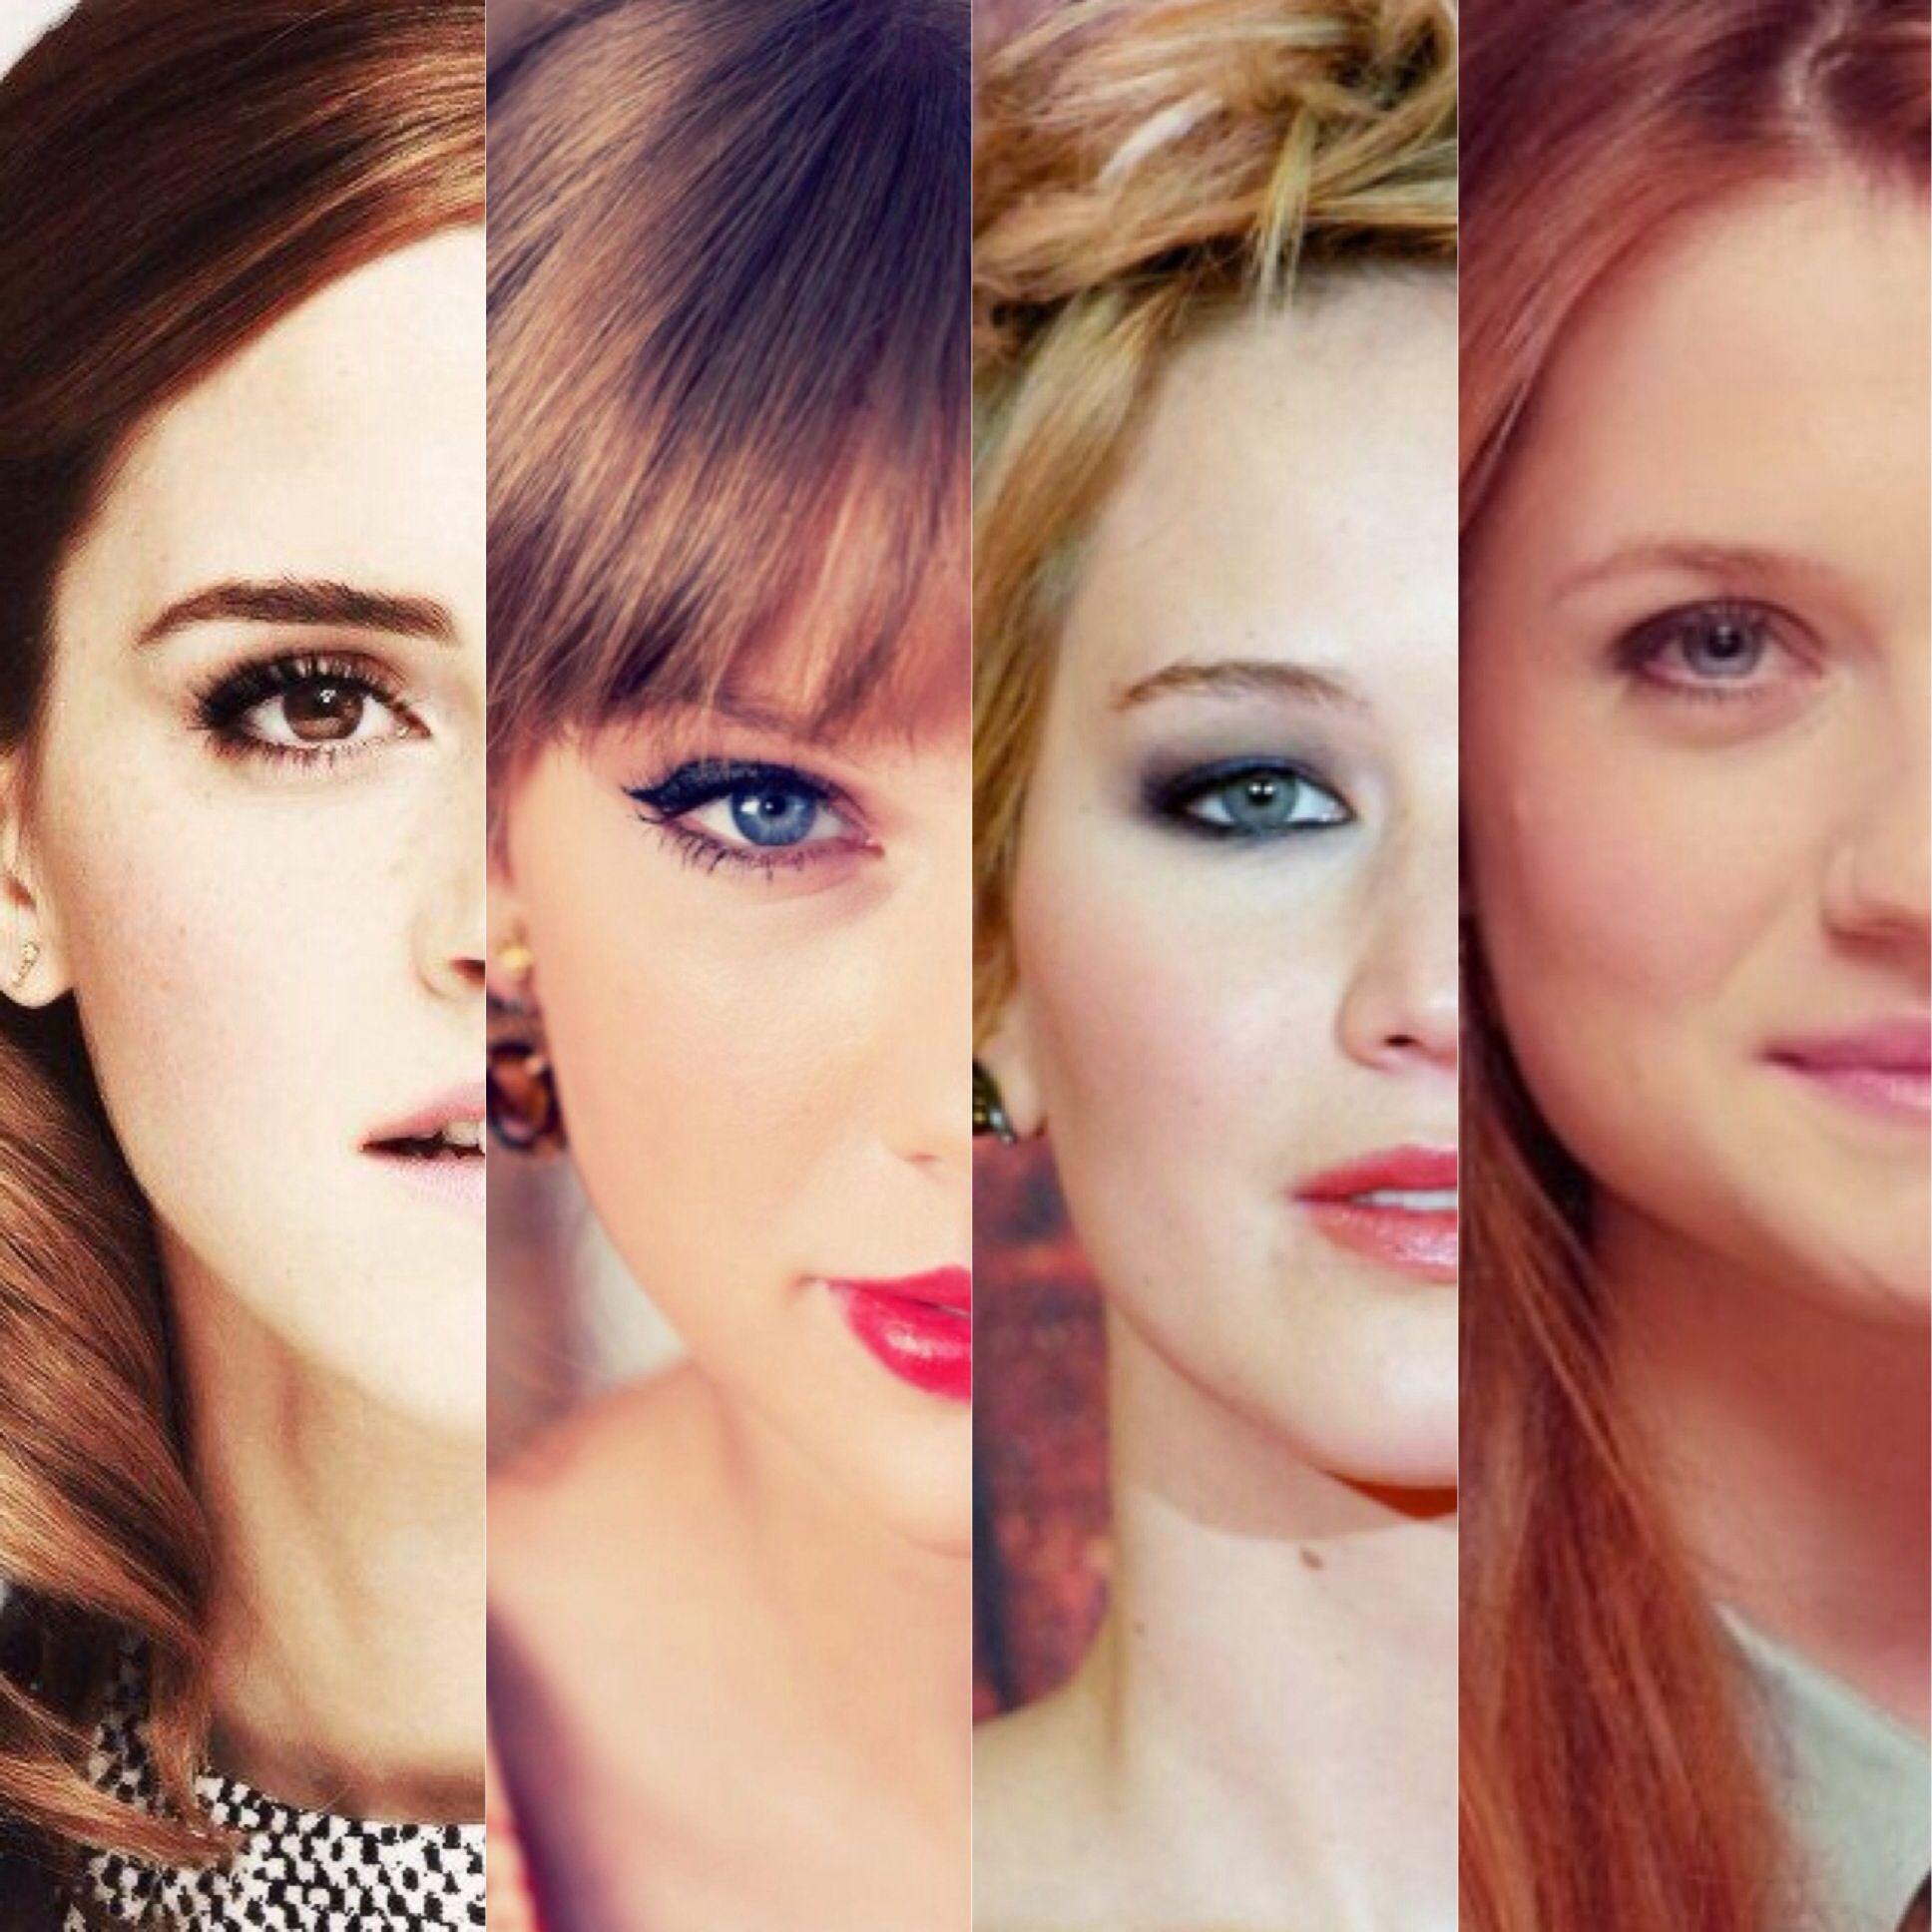 Emma Watson Taylor Swift Jennifer Lawrence And Bonnie Wright Bonnie Wright Jennifer Lawrence Bonnie